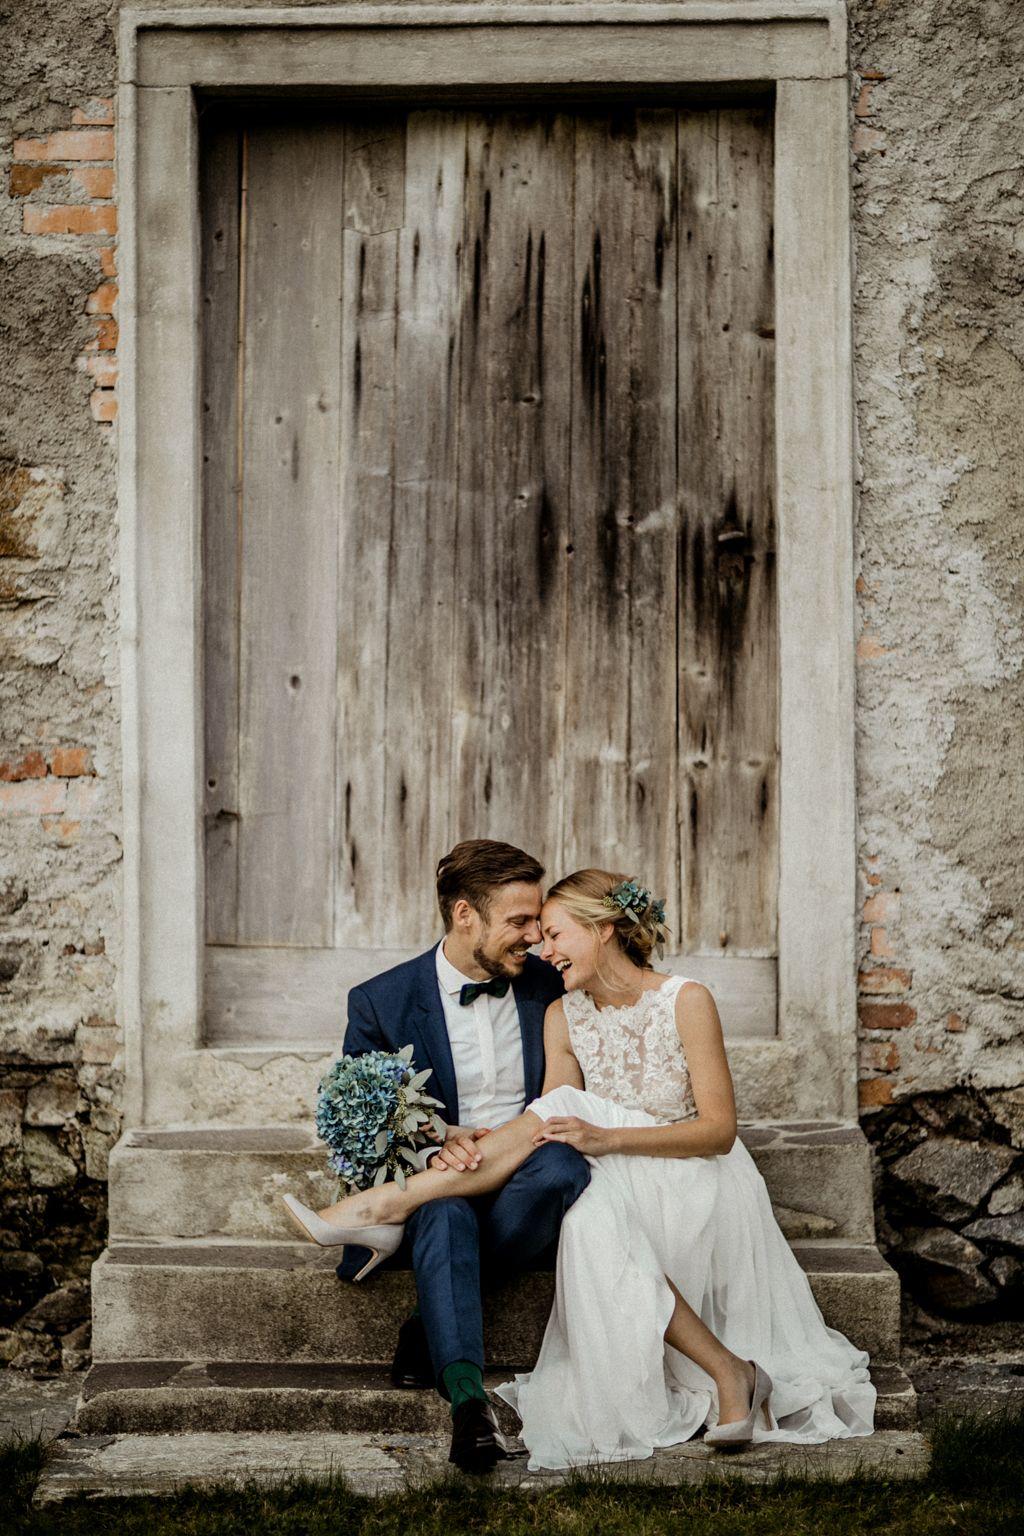 ole_alex_oesterreich_hochzeit_wedding_elenaengels_fotografie_europa_international_love_bride_groom_elopement_175